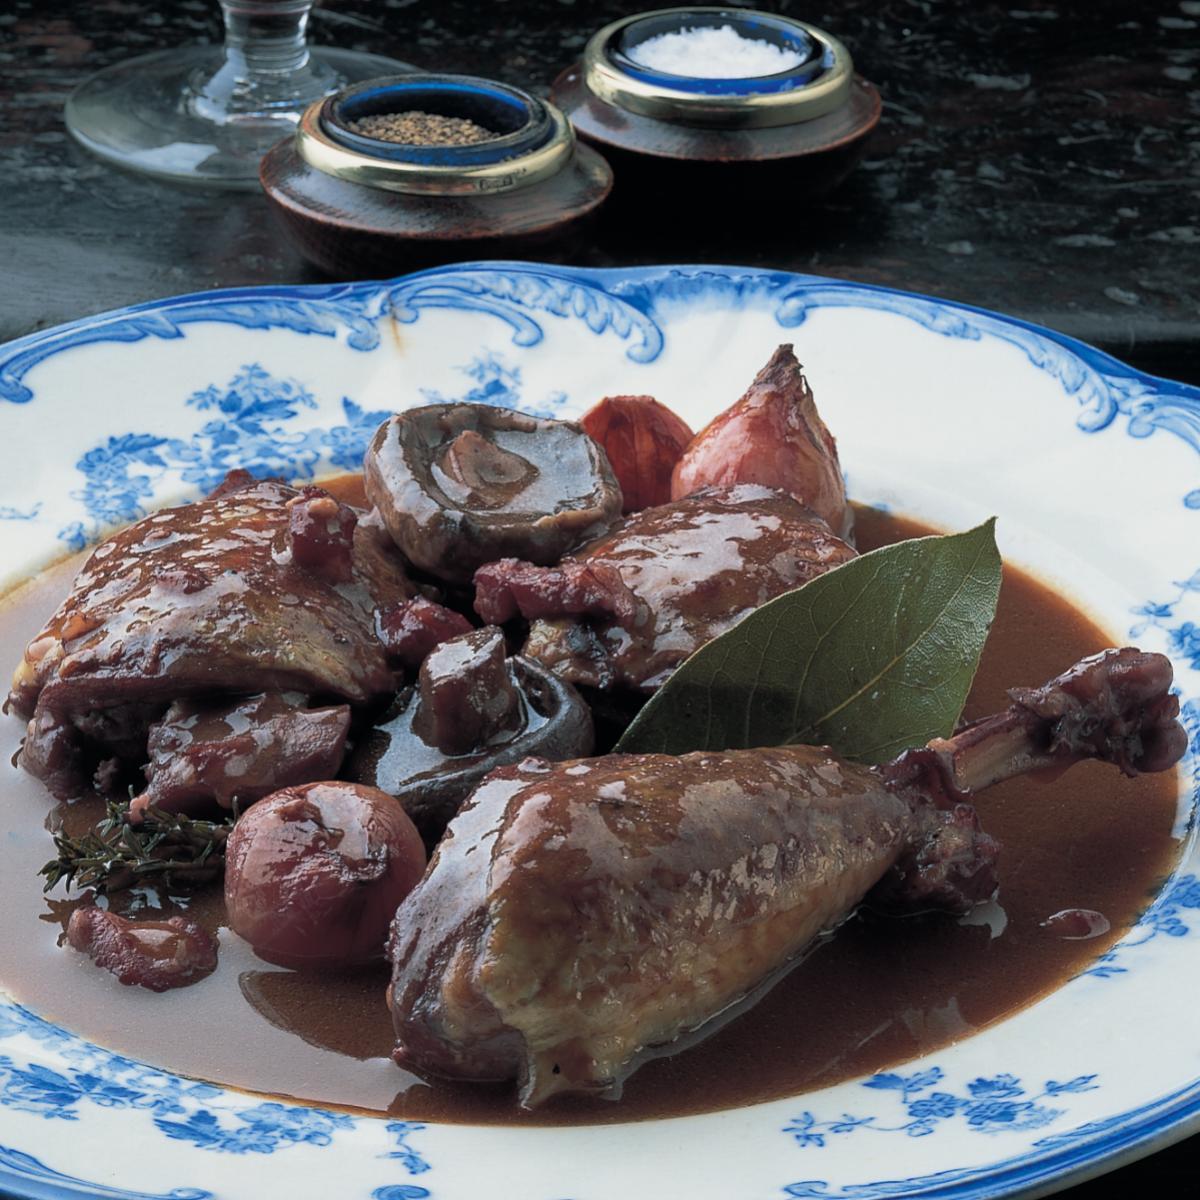 A picture of Delia's Coq au Vin recipe